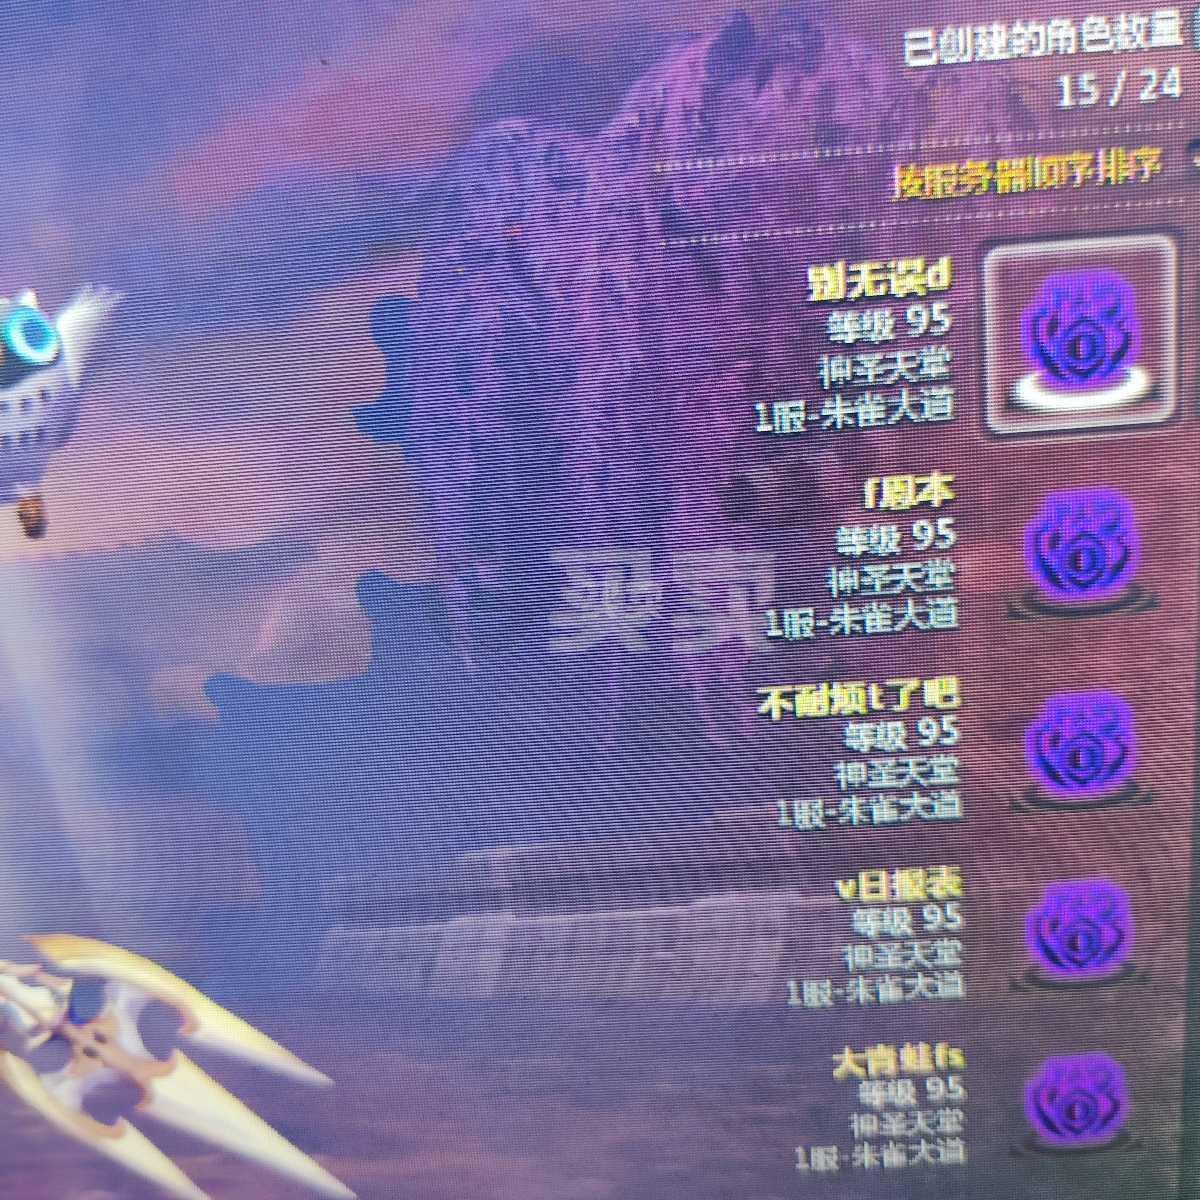 龙之谷-账号-[黑暗破魔师95]15连体破魔,别刀了别刀了,最低了